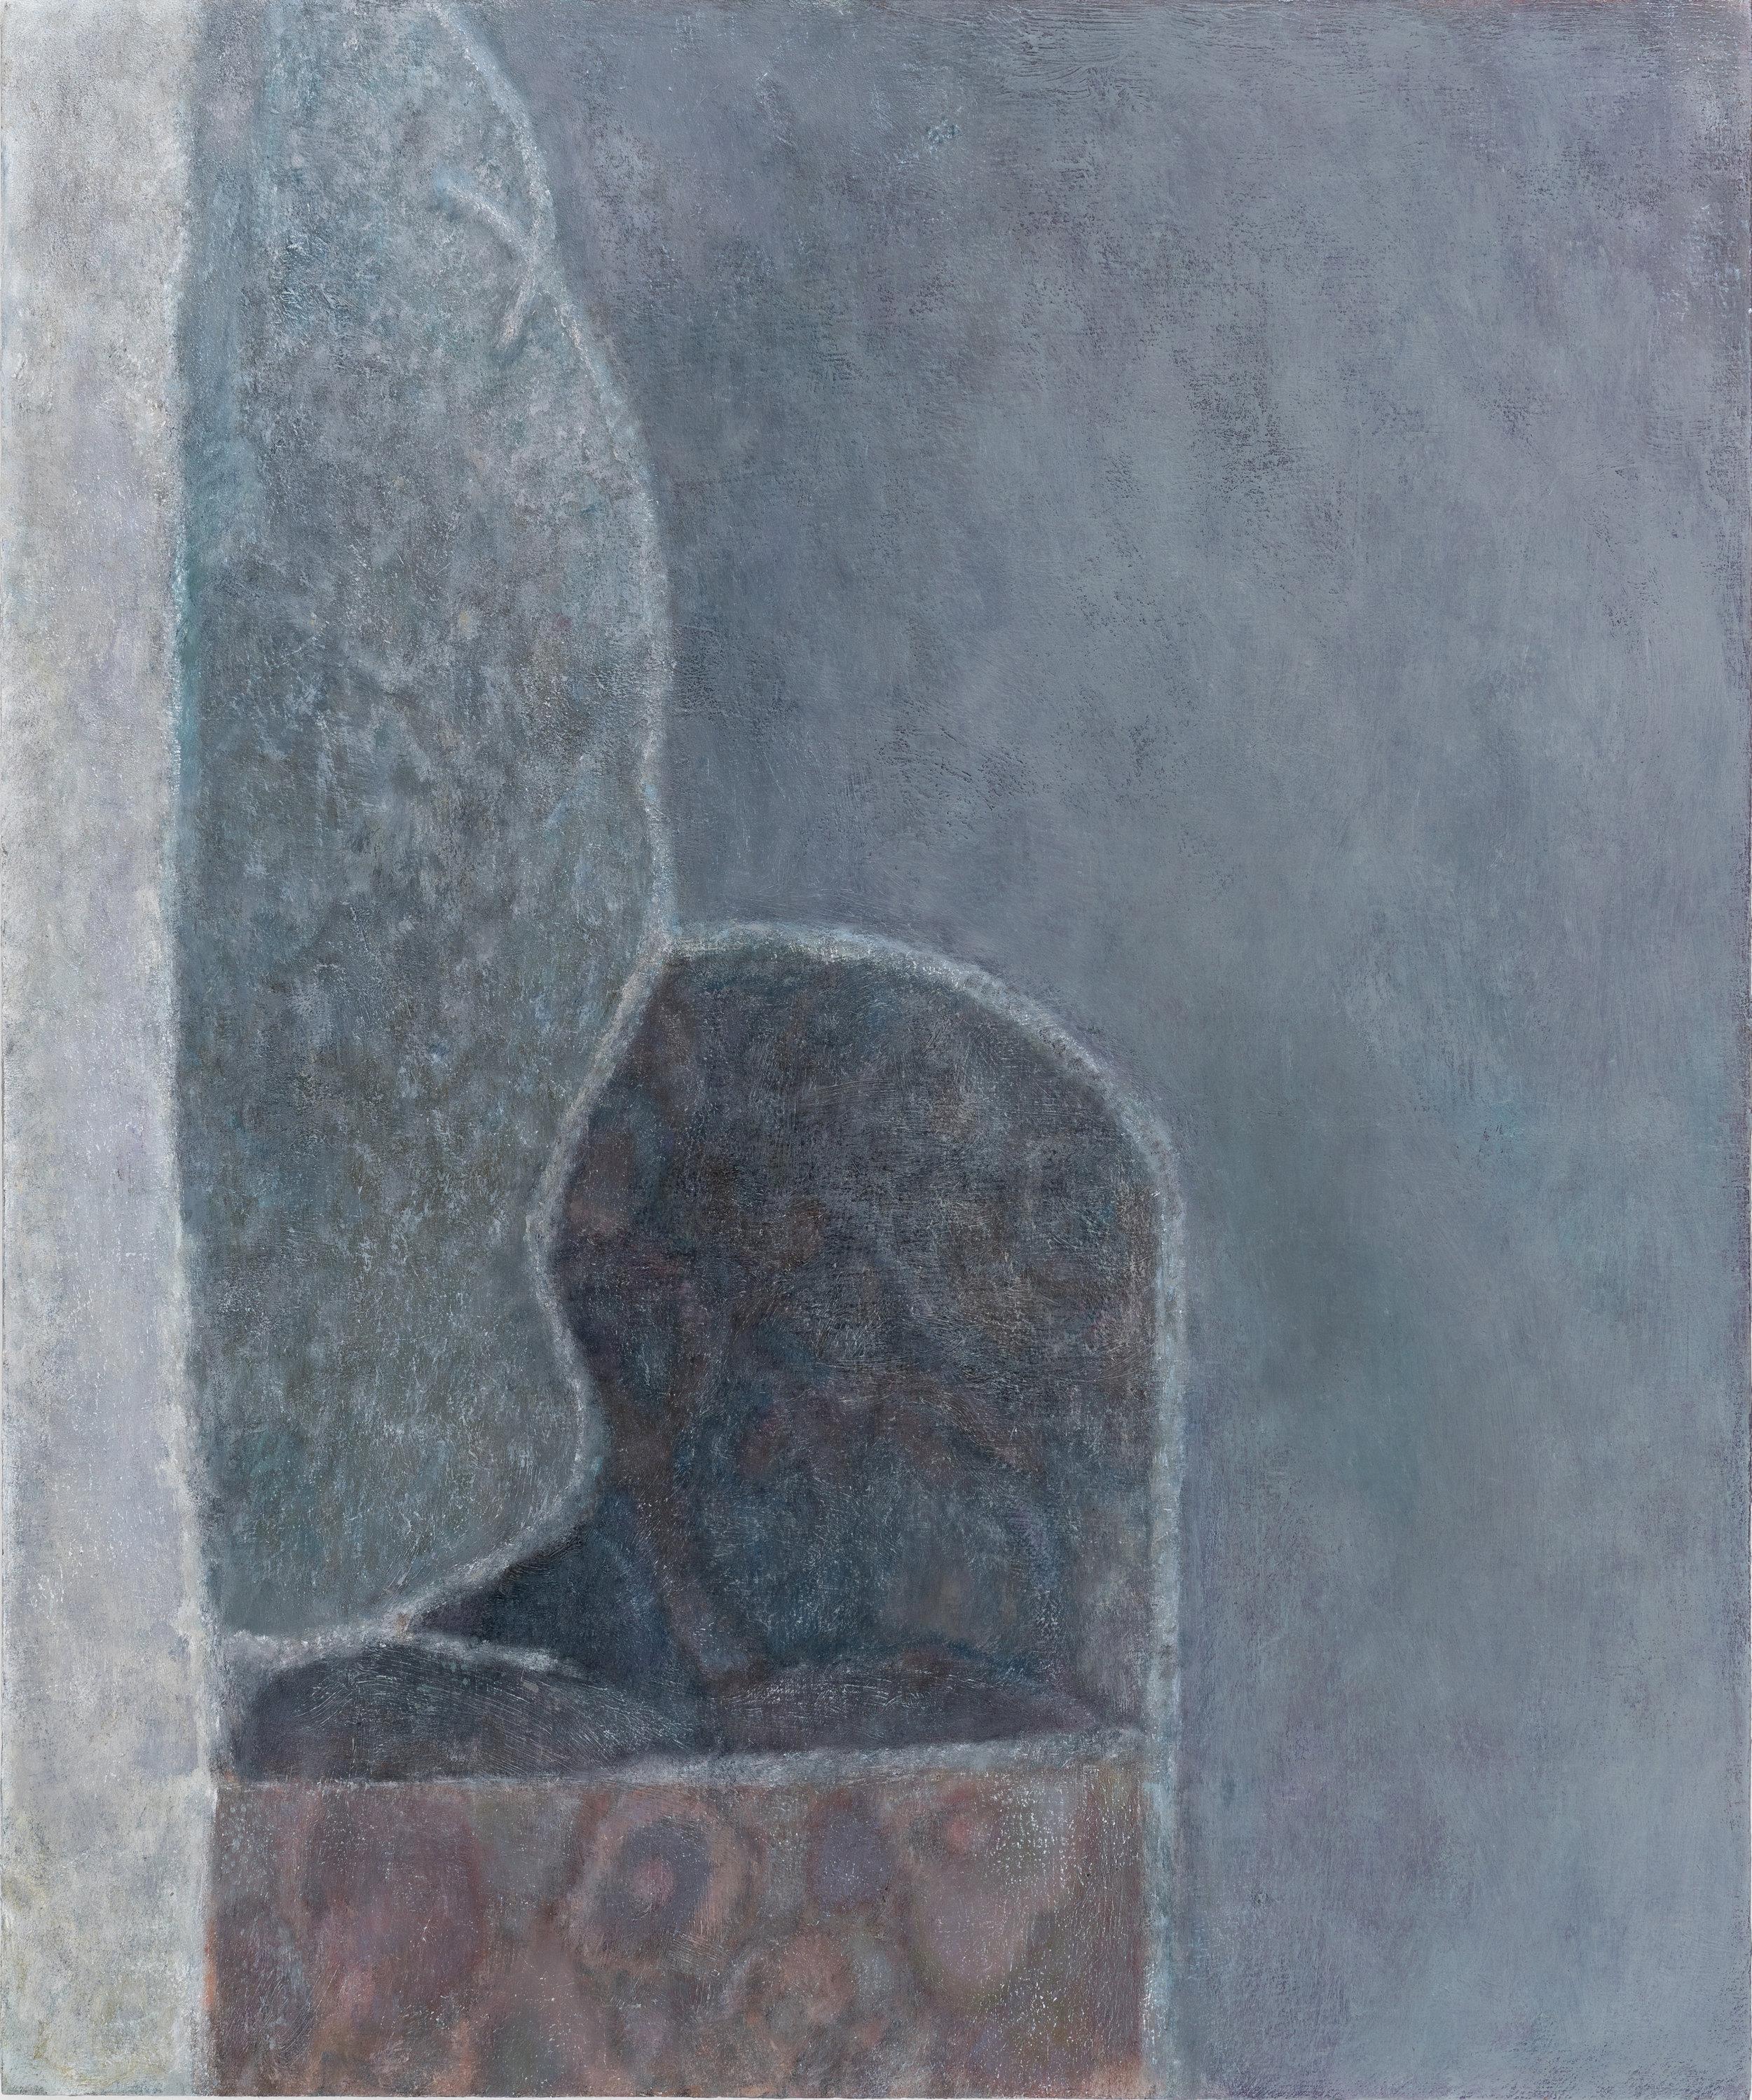 """Laurence Pilon, Safe Place,  2018, oil on wood panel, 24"""" x 20"""" (61 x 51 cm)"""